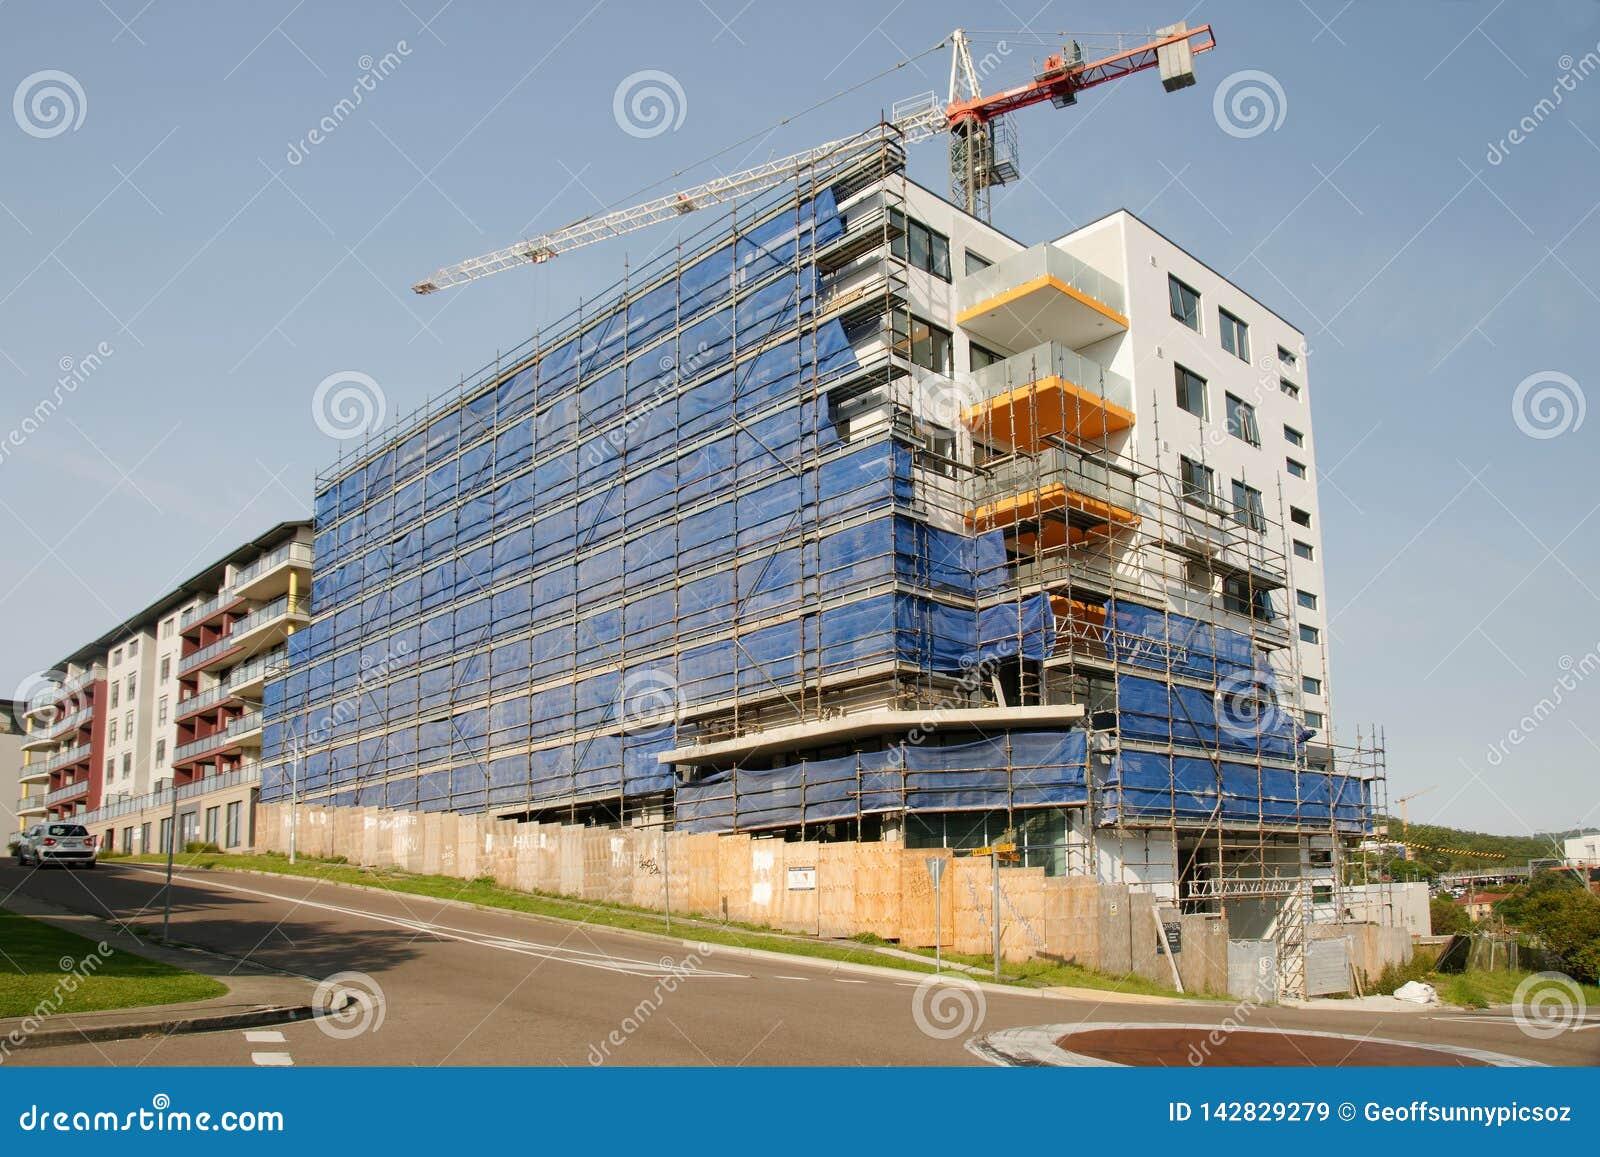 Working construction crane. Update 196 . Gosford. March, 2019